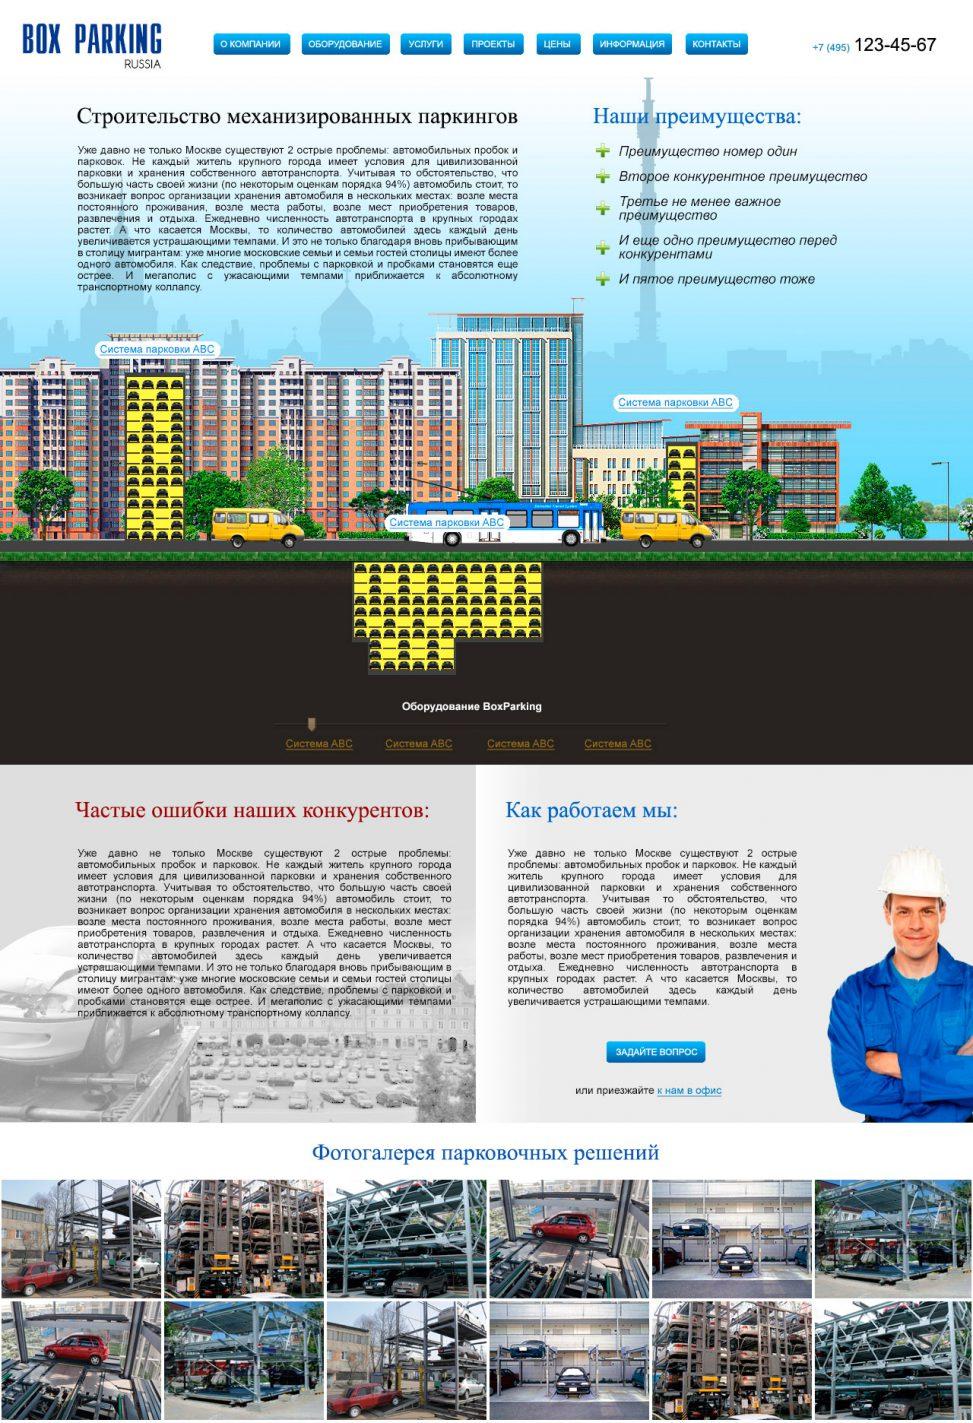 Дизайн макета сайта BoxParking Russia